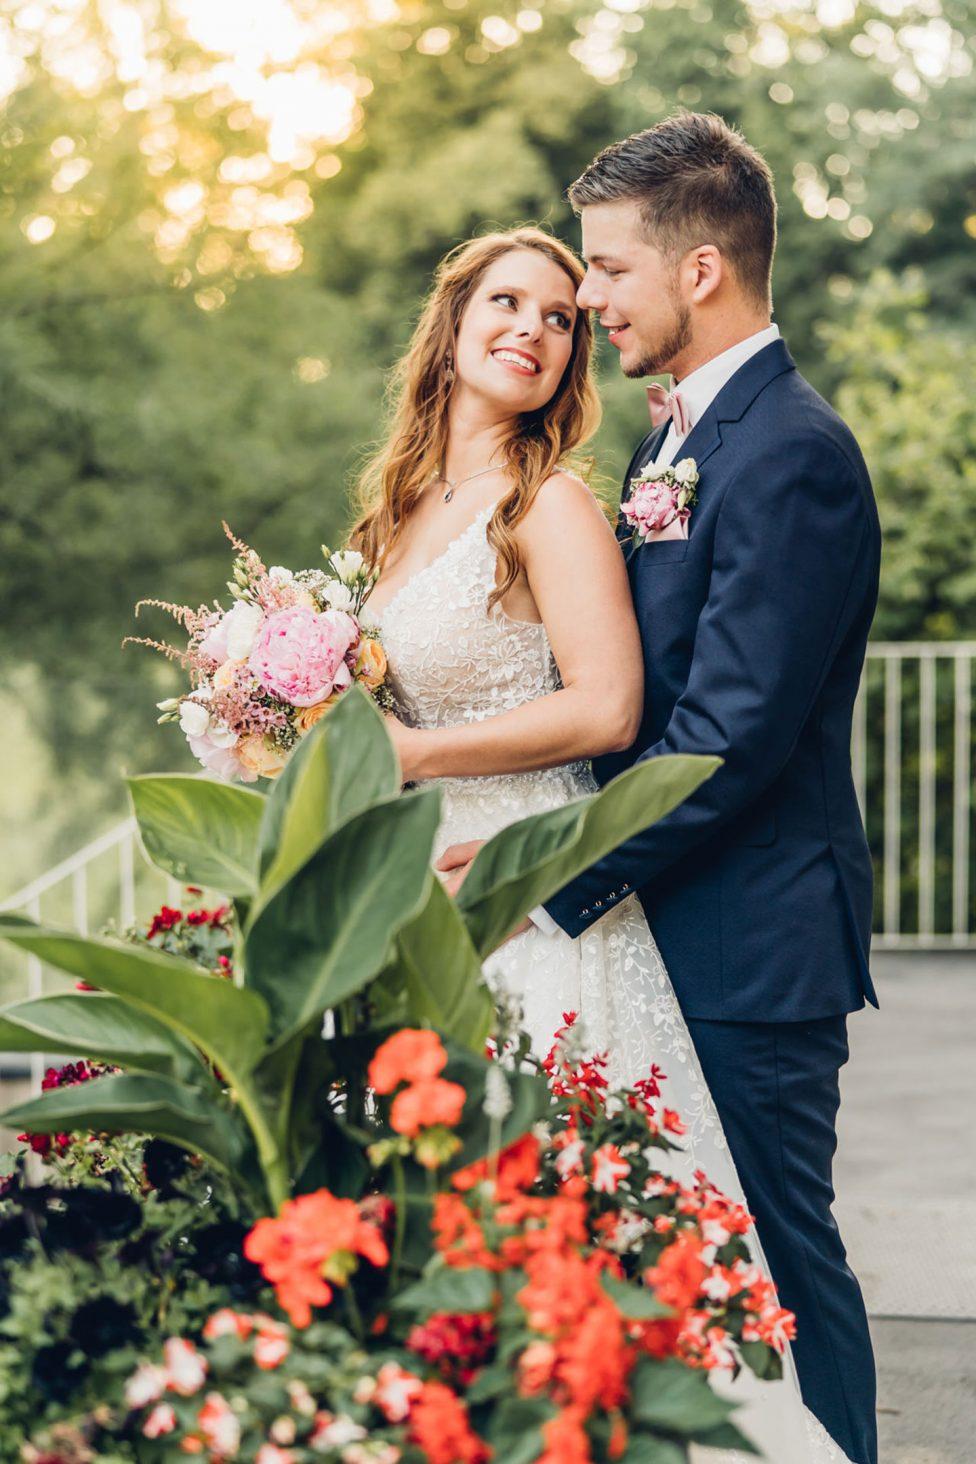 Orangerie im Kurpark: Elegante Vintage-Hochzeit